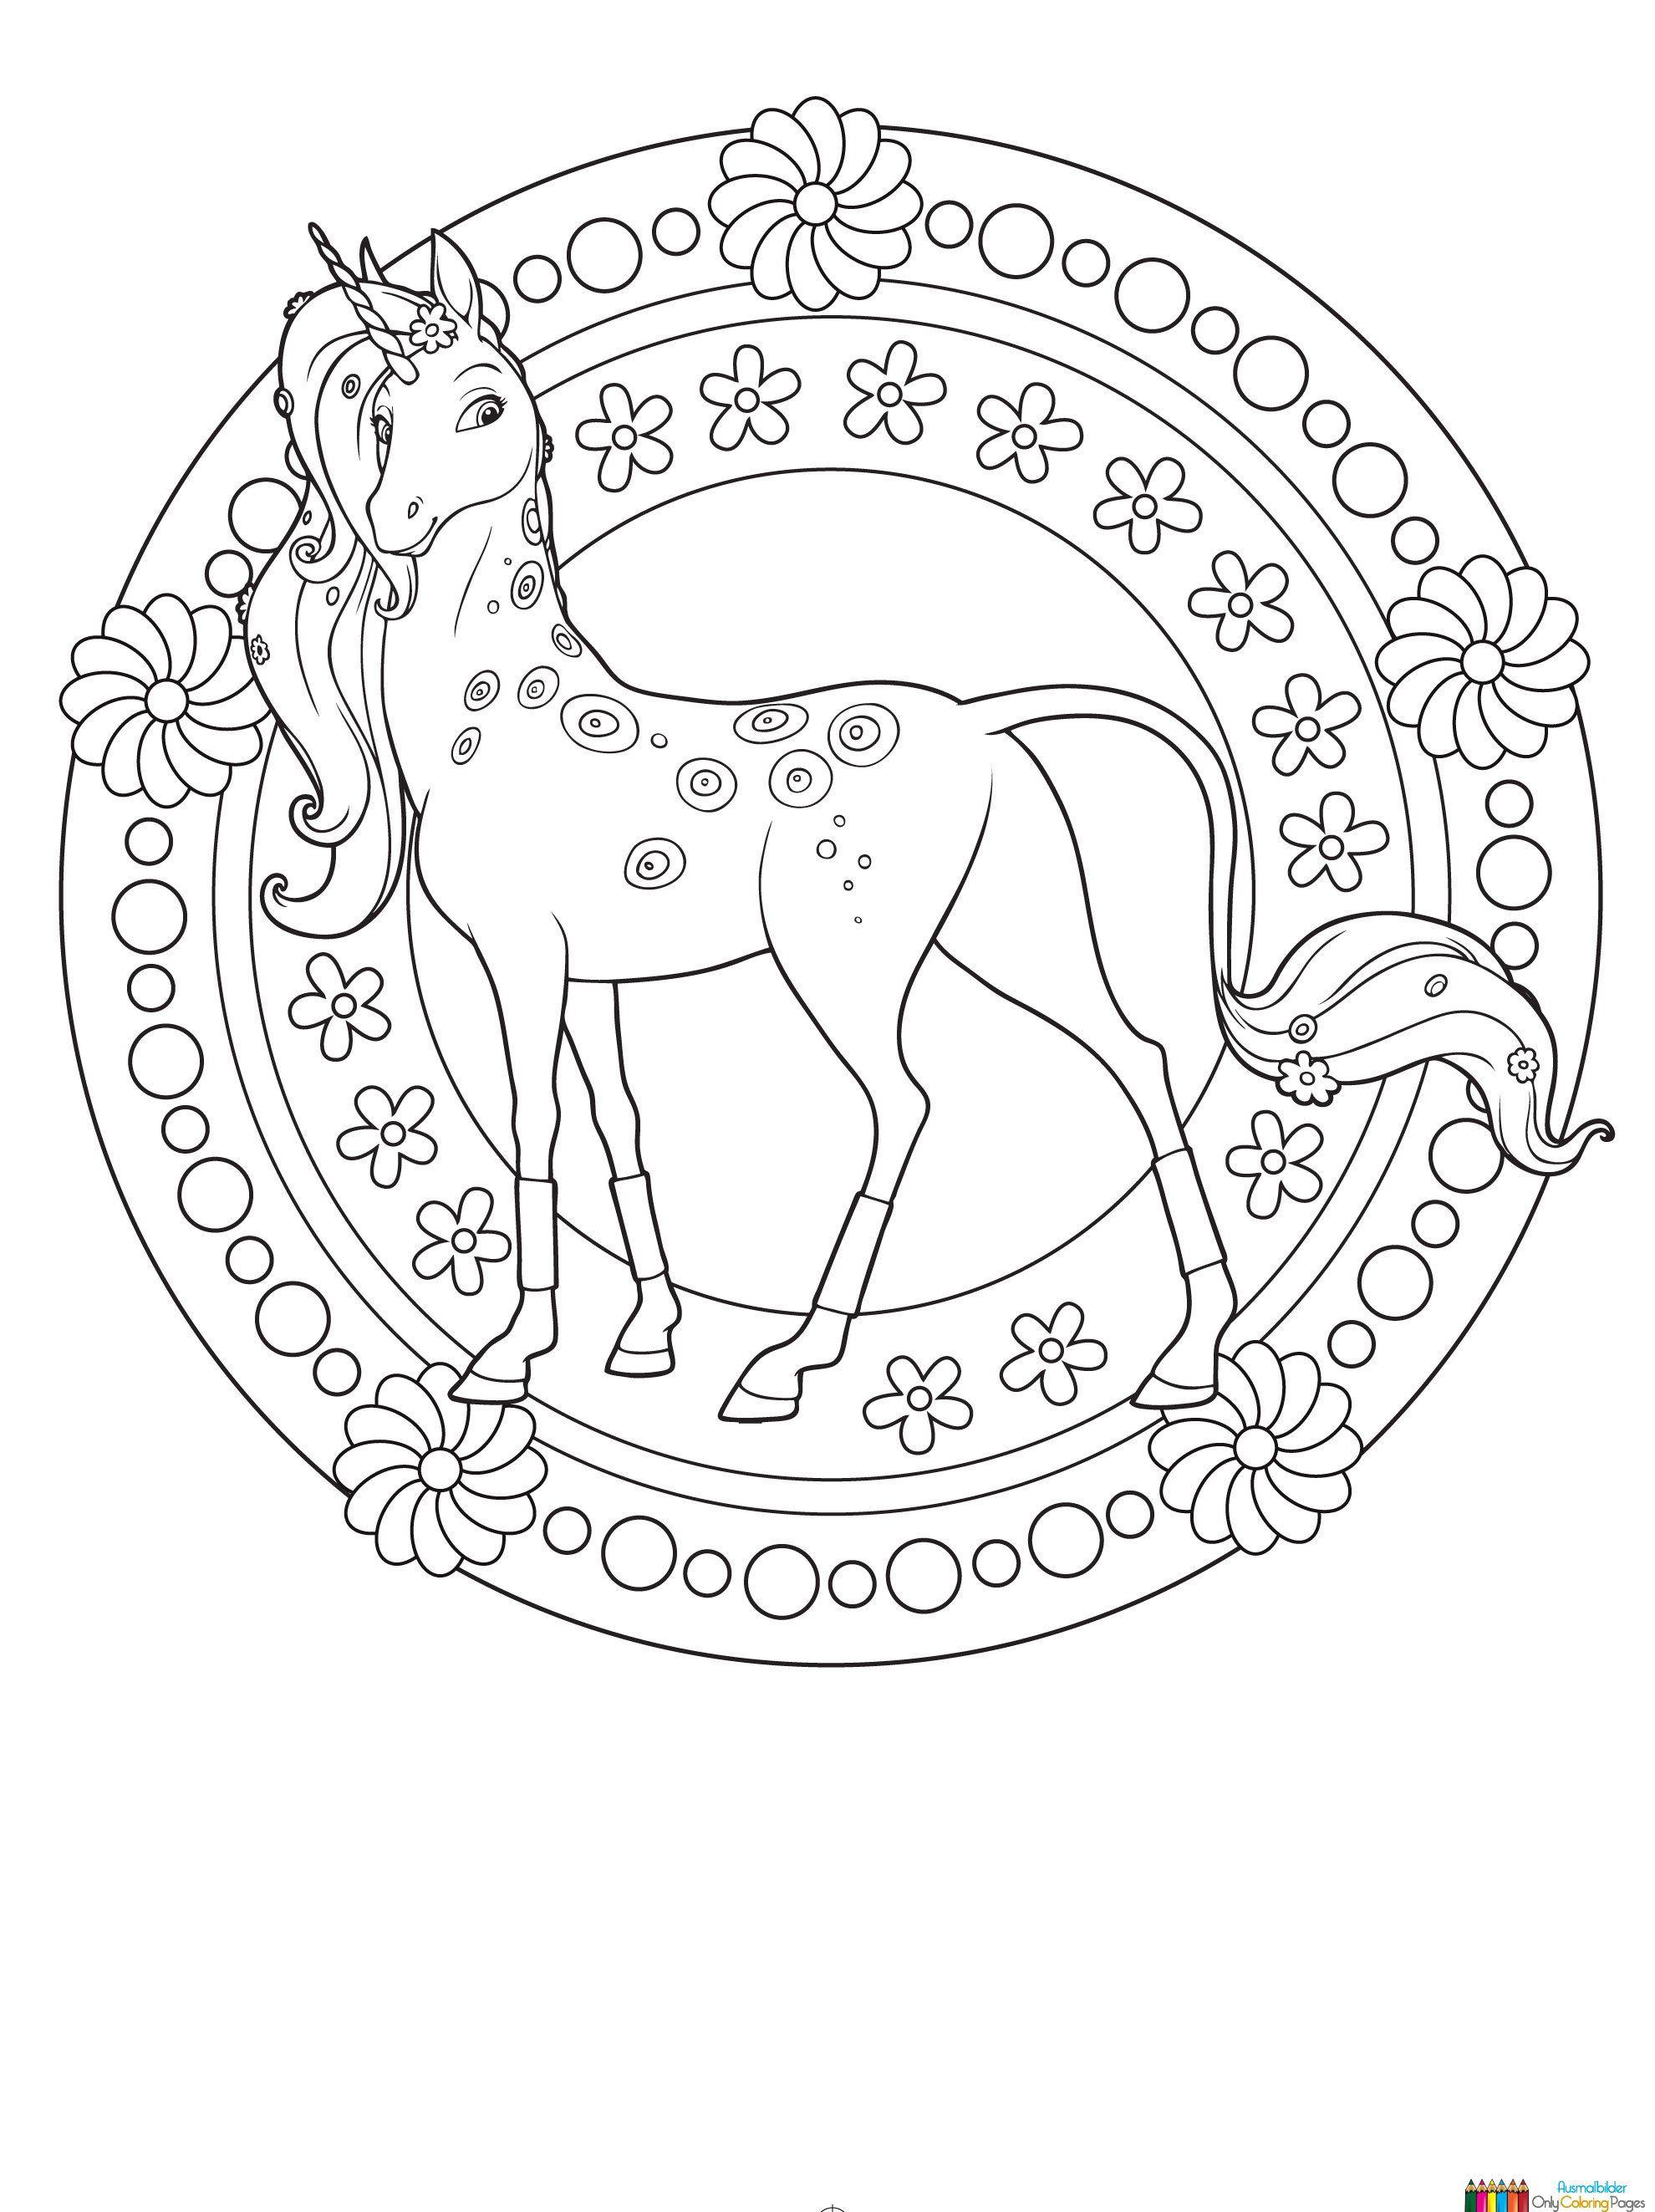 Onchao Ausmalbilder Einhorn Zum Ausmalen Ausmalbilder Pferde